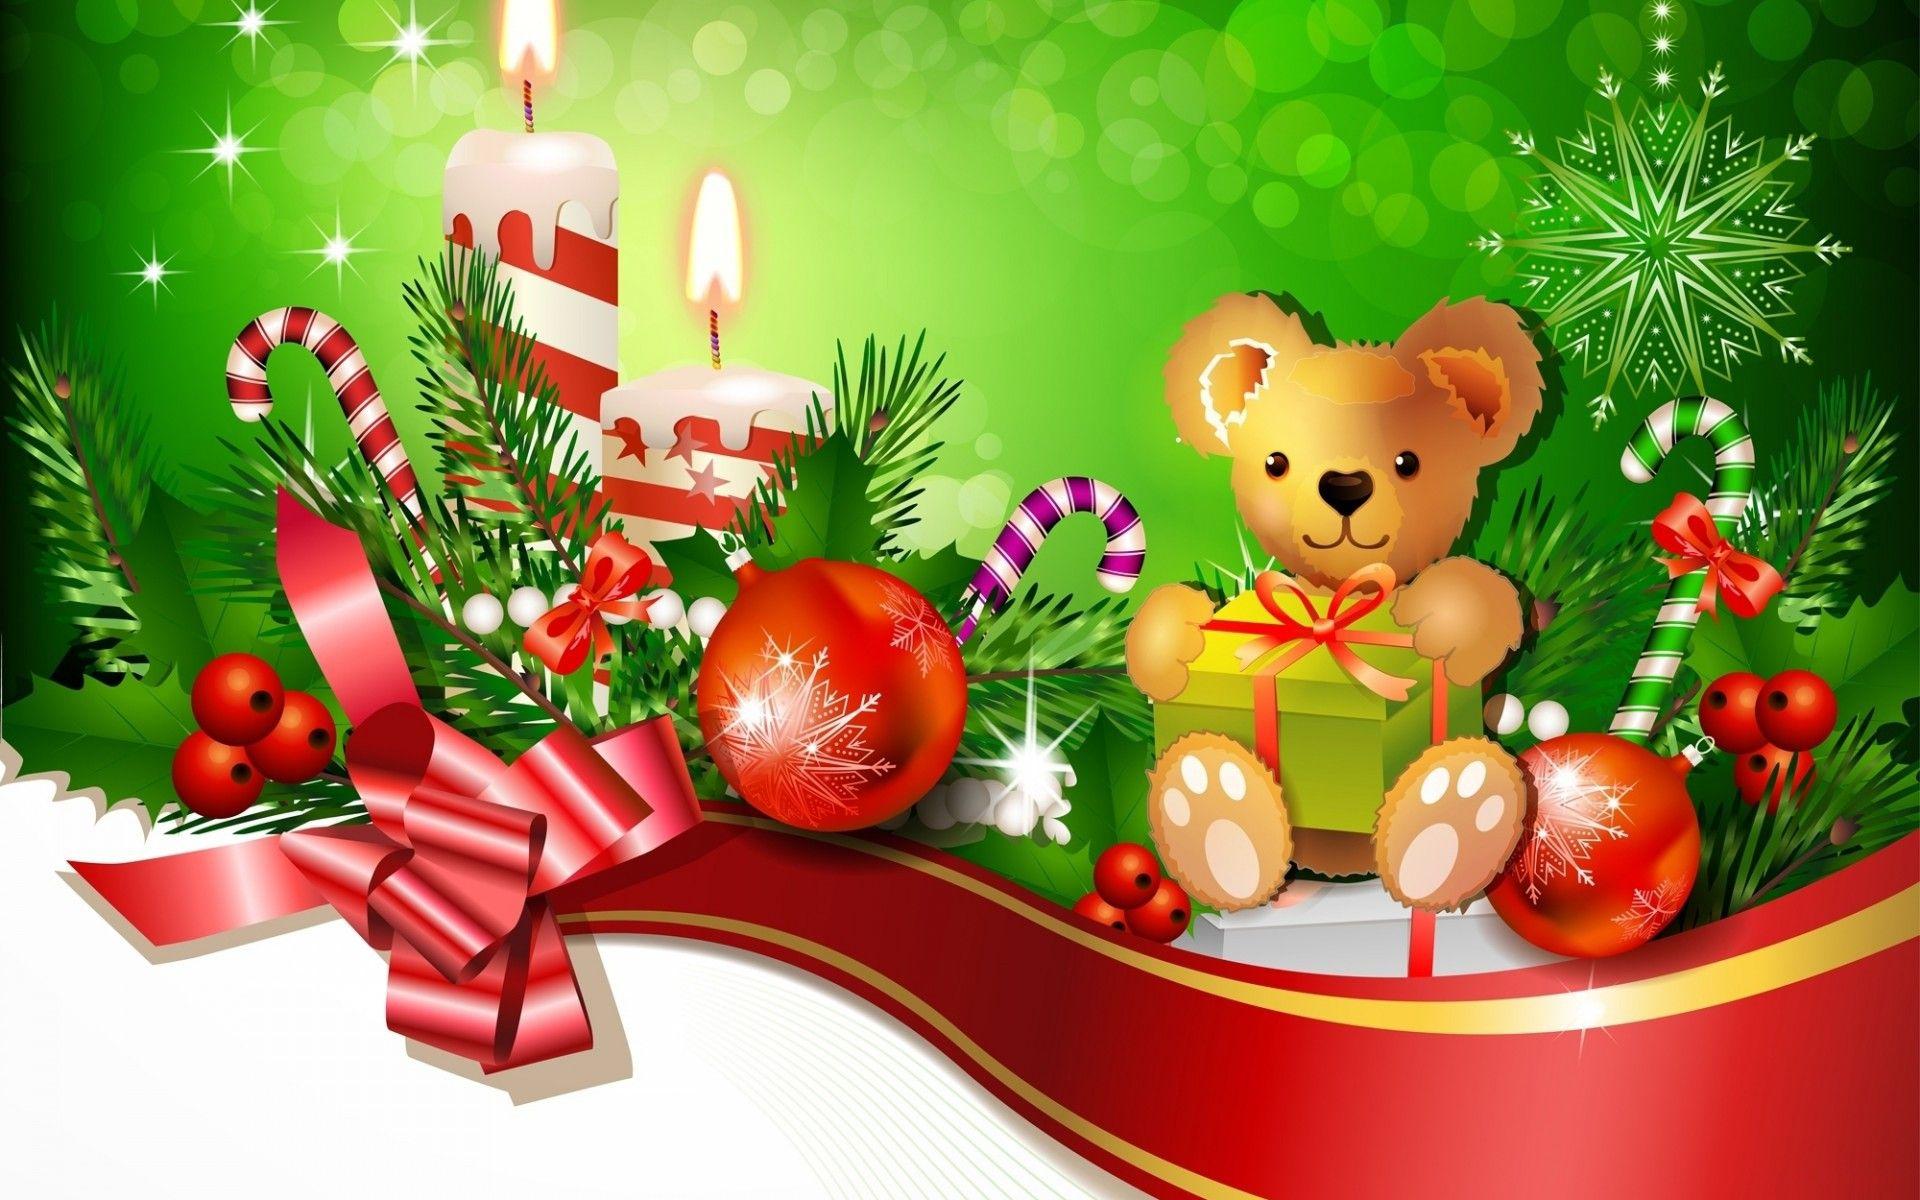 Arreglos De La Navidad Ultra Hd Wallpapers Fondos De: Fondos De Imagenes Navideños Para Bajar Al Celular 10 HD